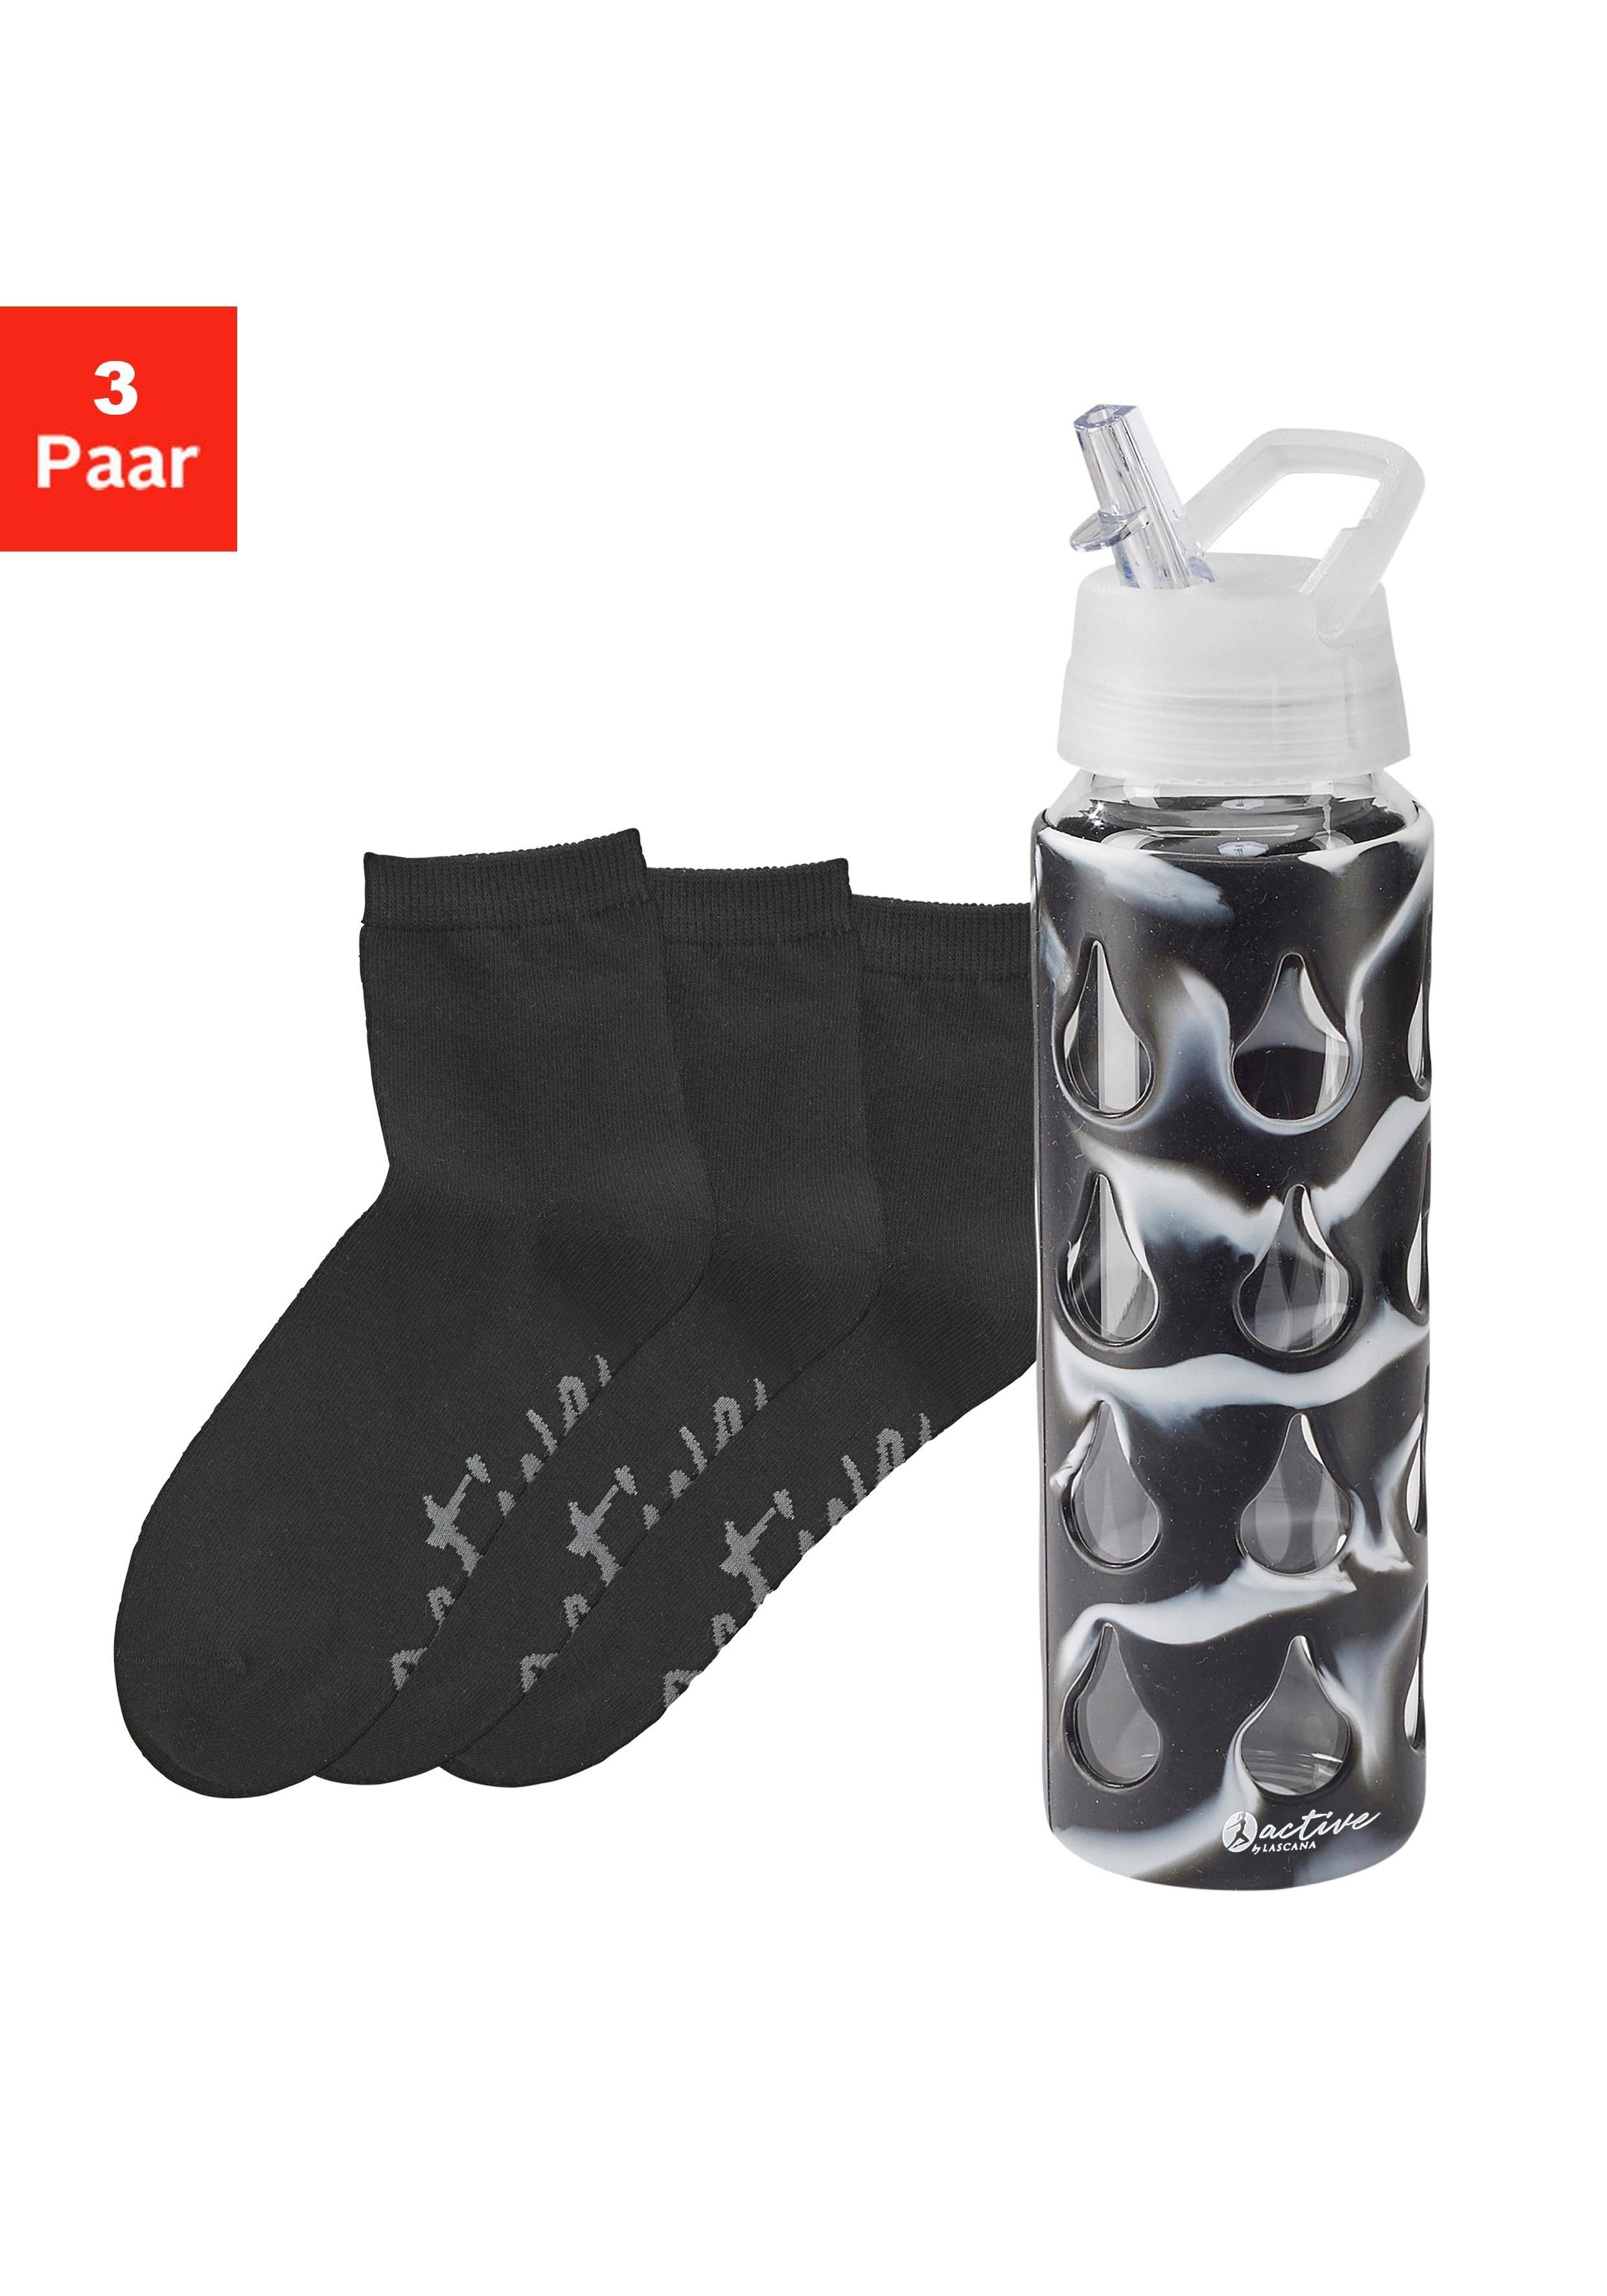 Lascana Active active by LASCANA korte sokken (3 paar) met bidon nu online kopen bij Lascana